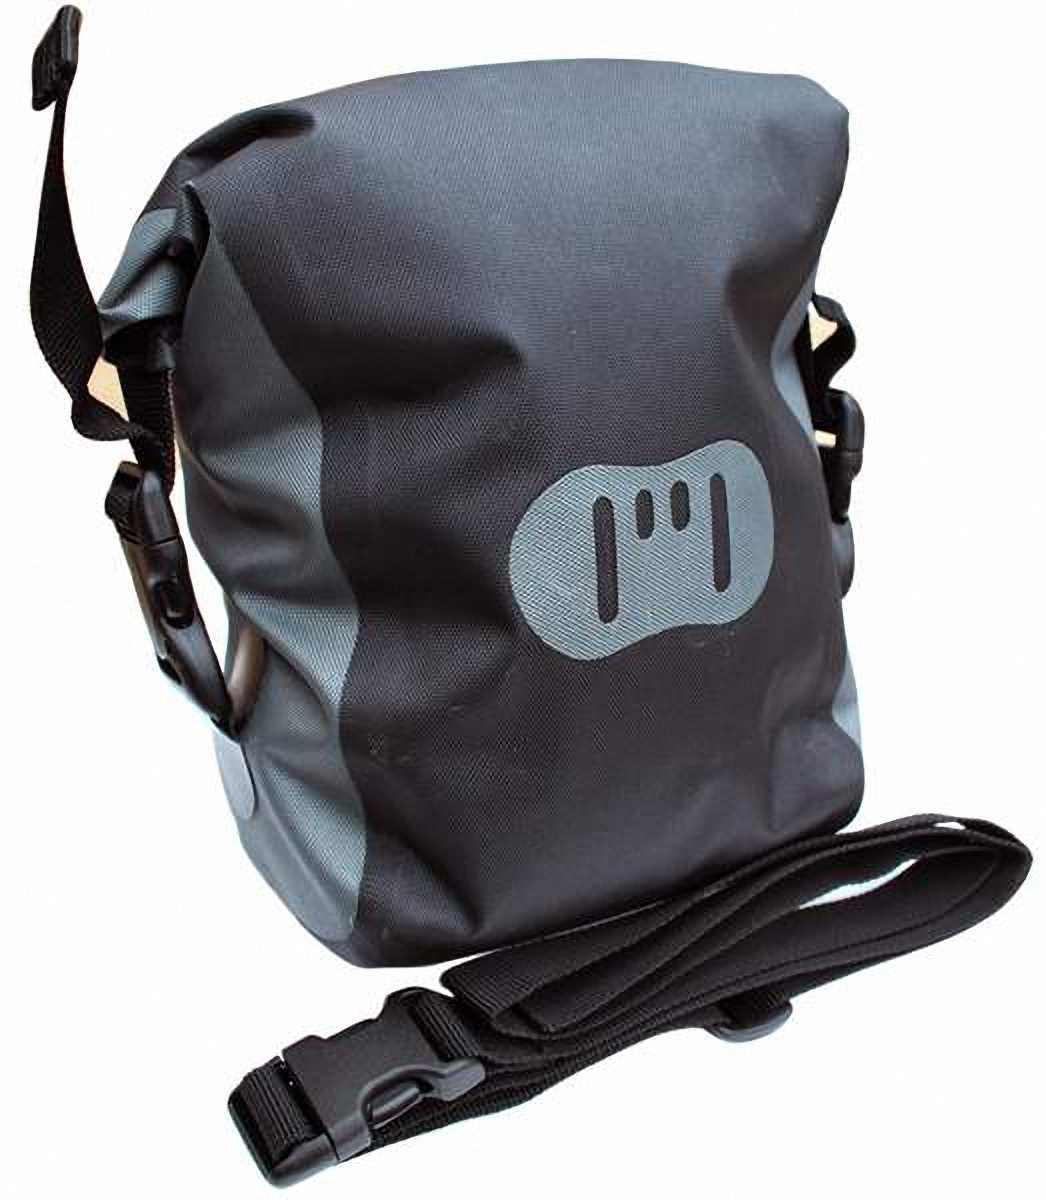 Водонепроницаемый чехол для фотоаппарата - Aquapac 021. Aquapac - №1 в мире водонепроницаемых чехлов и сумок. Фото 4